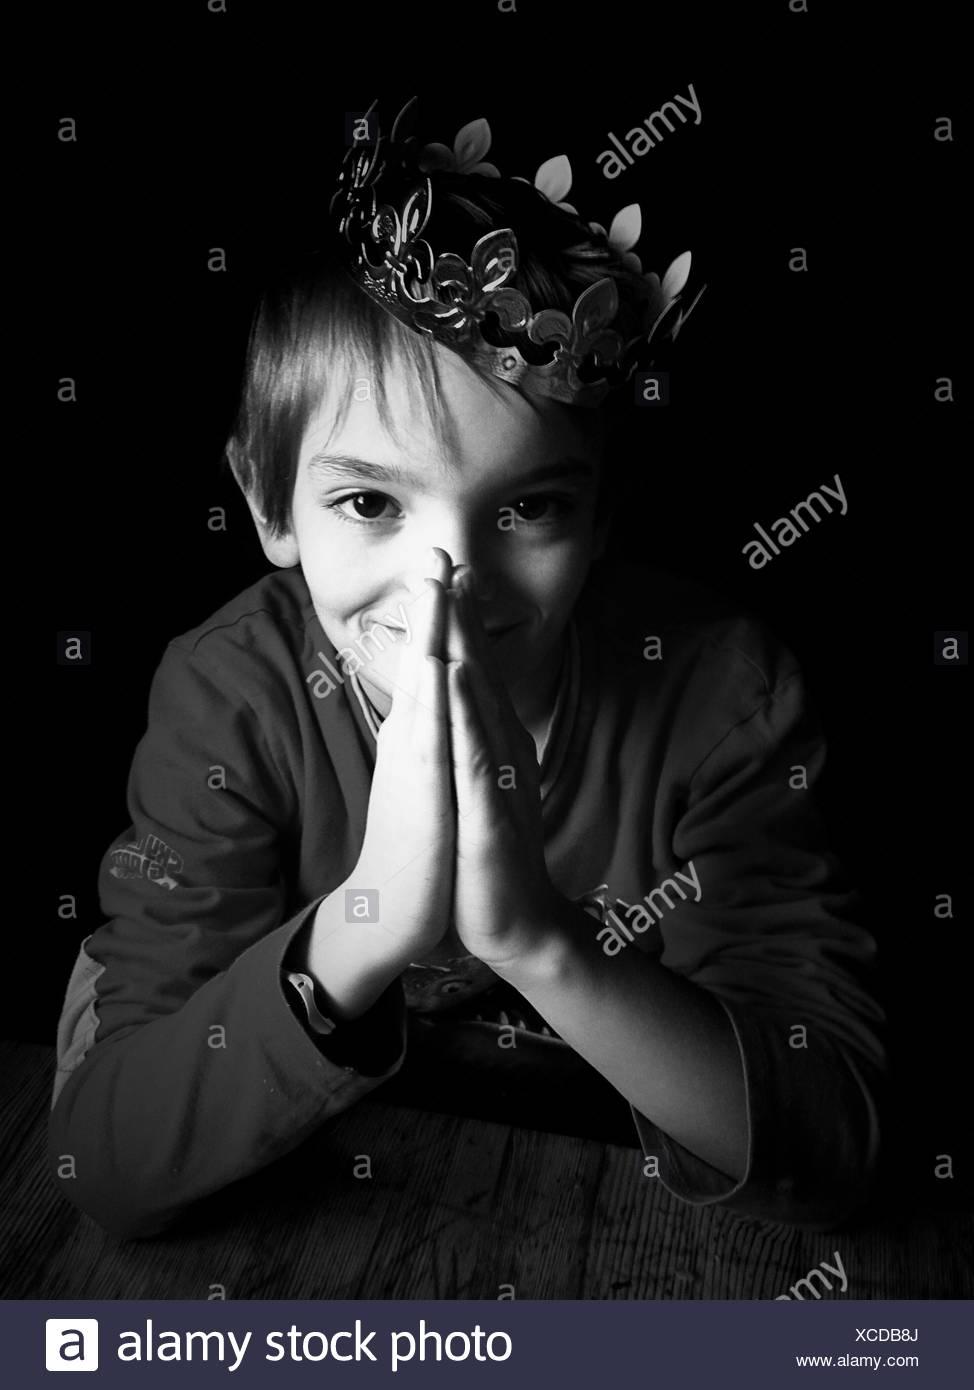 Ritratto di ragazzo che indossa la corona Immagini Stock